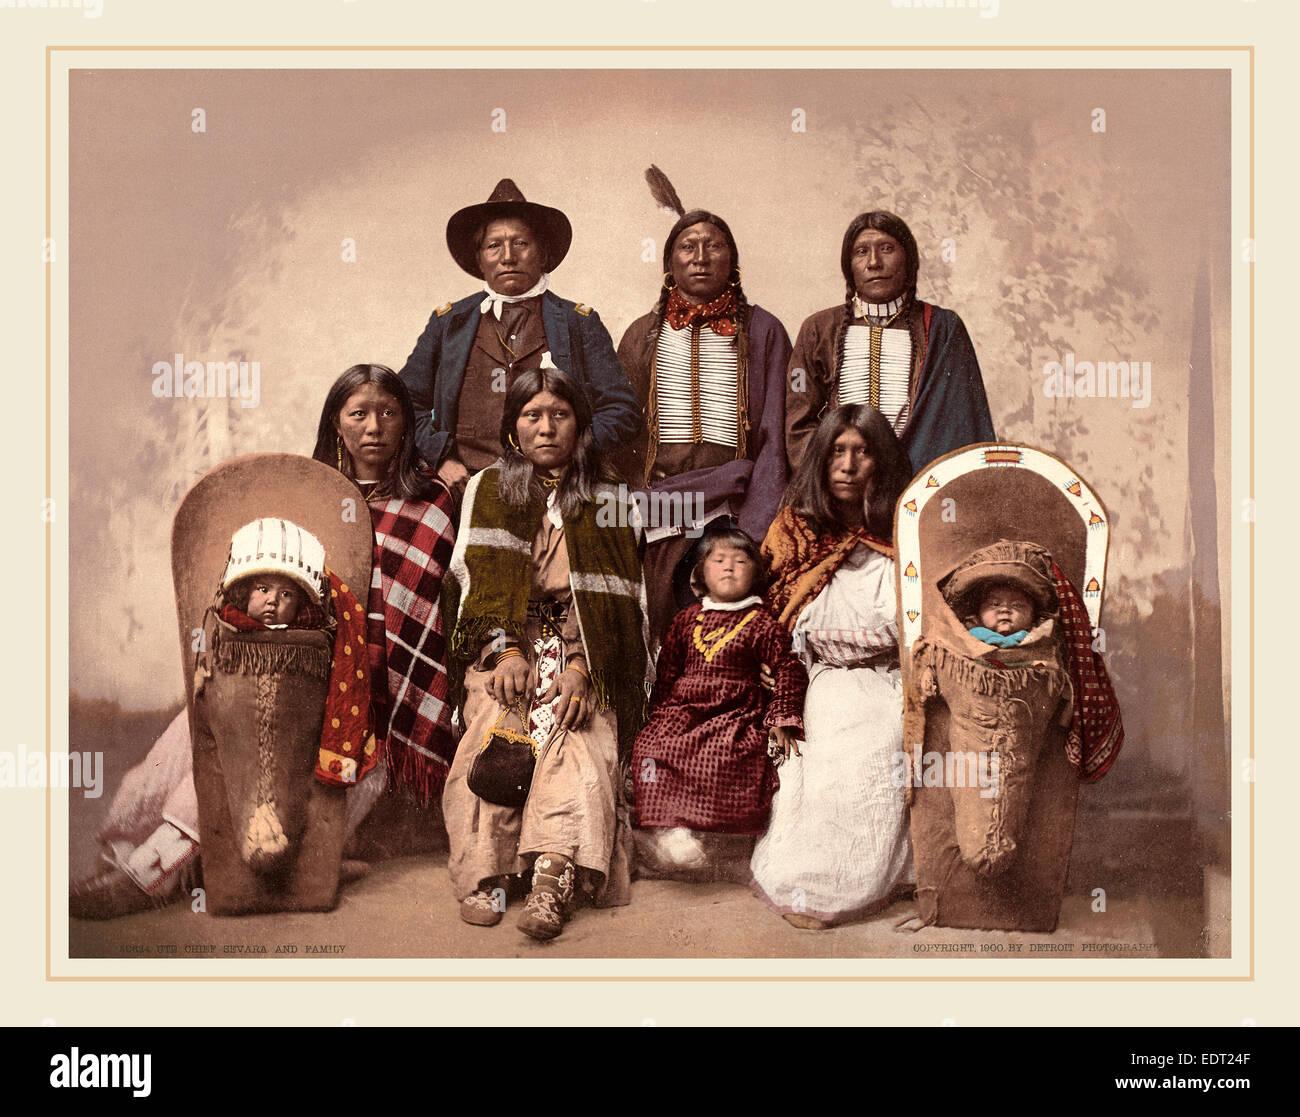 19ème siècle américain (Detroit Photographic Co.), chef du SEI Sevara et famille, 1900, photochrom Photo Stock